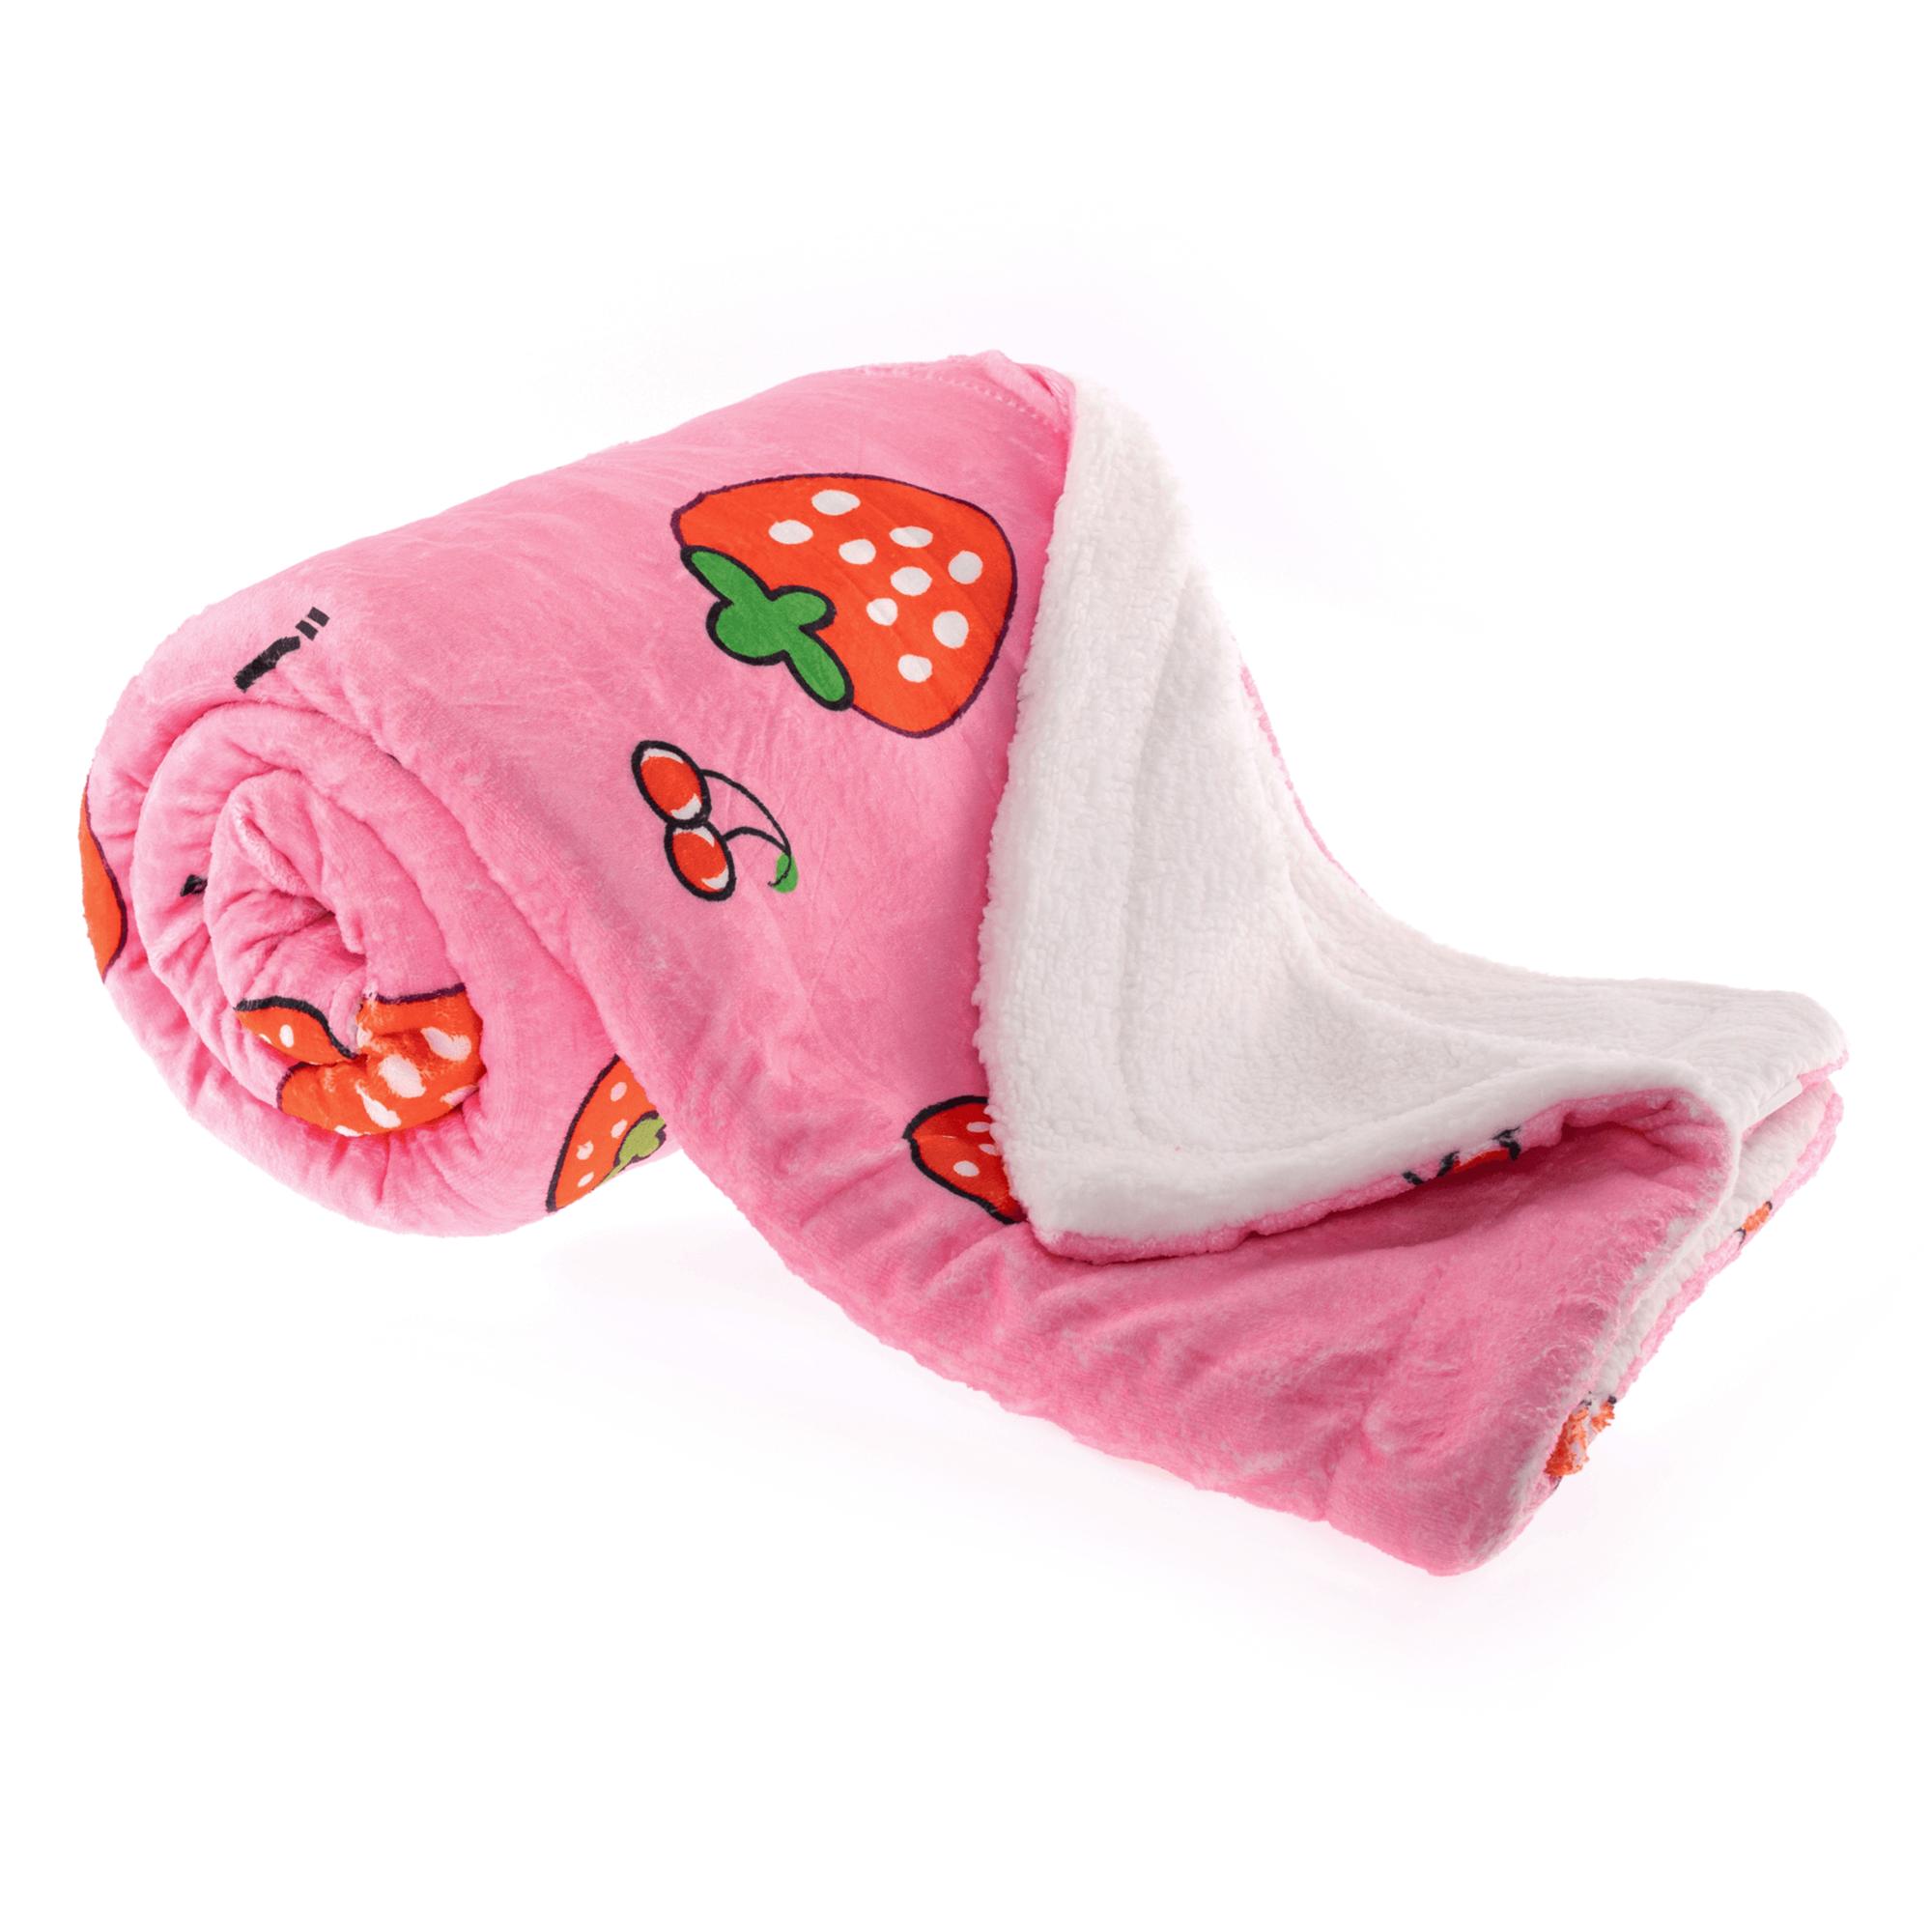 Pătură moale față-verso, model roz / căpșuni, 150x200cm, MIDAS TYPE 1